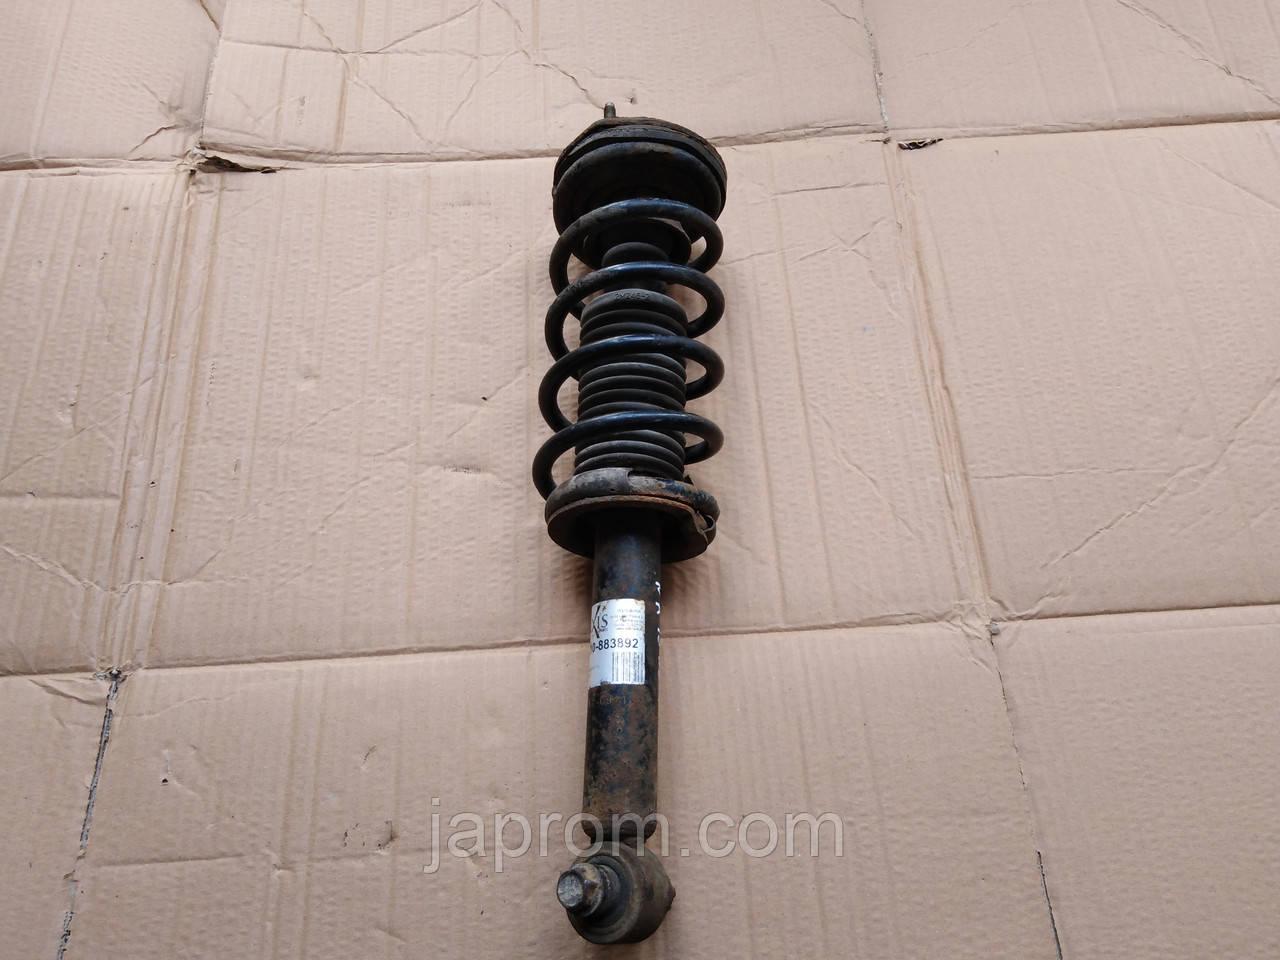 Амортизатор стойка в сборе задняя Nissan Almera N15 1995-2000г.в.